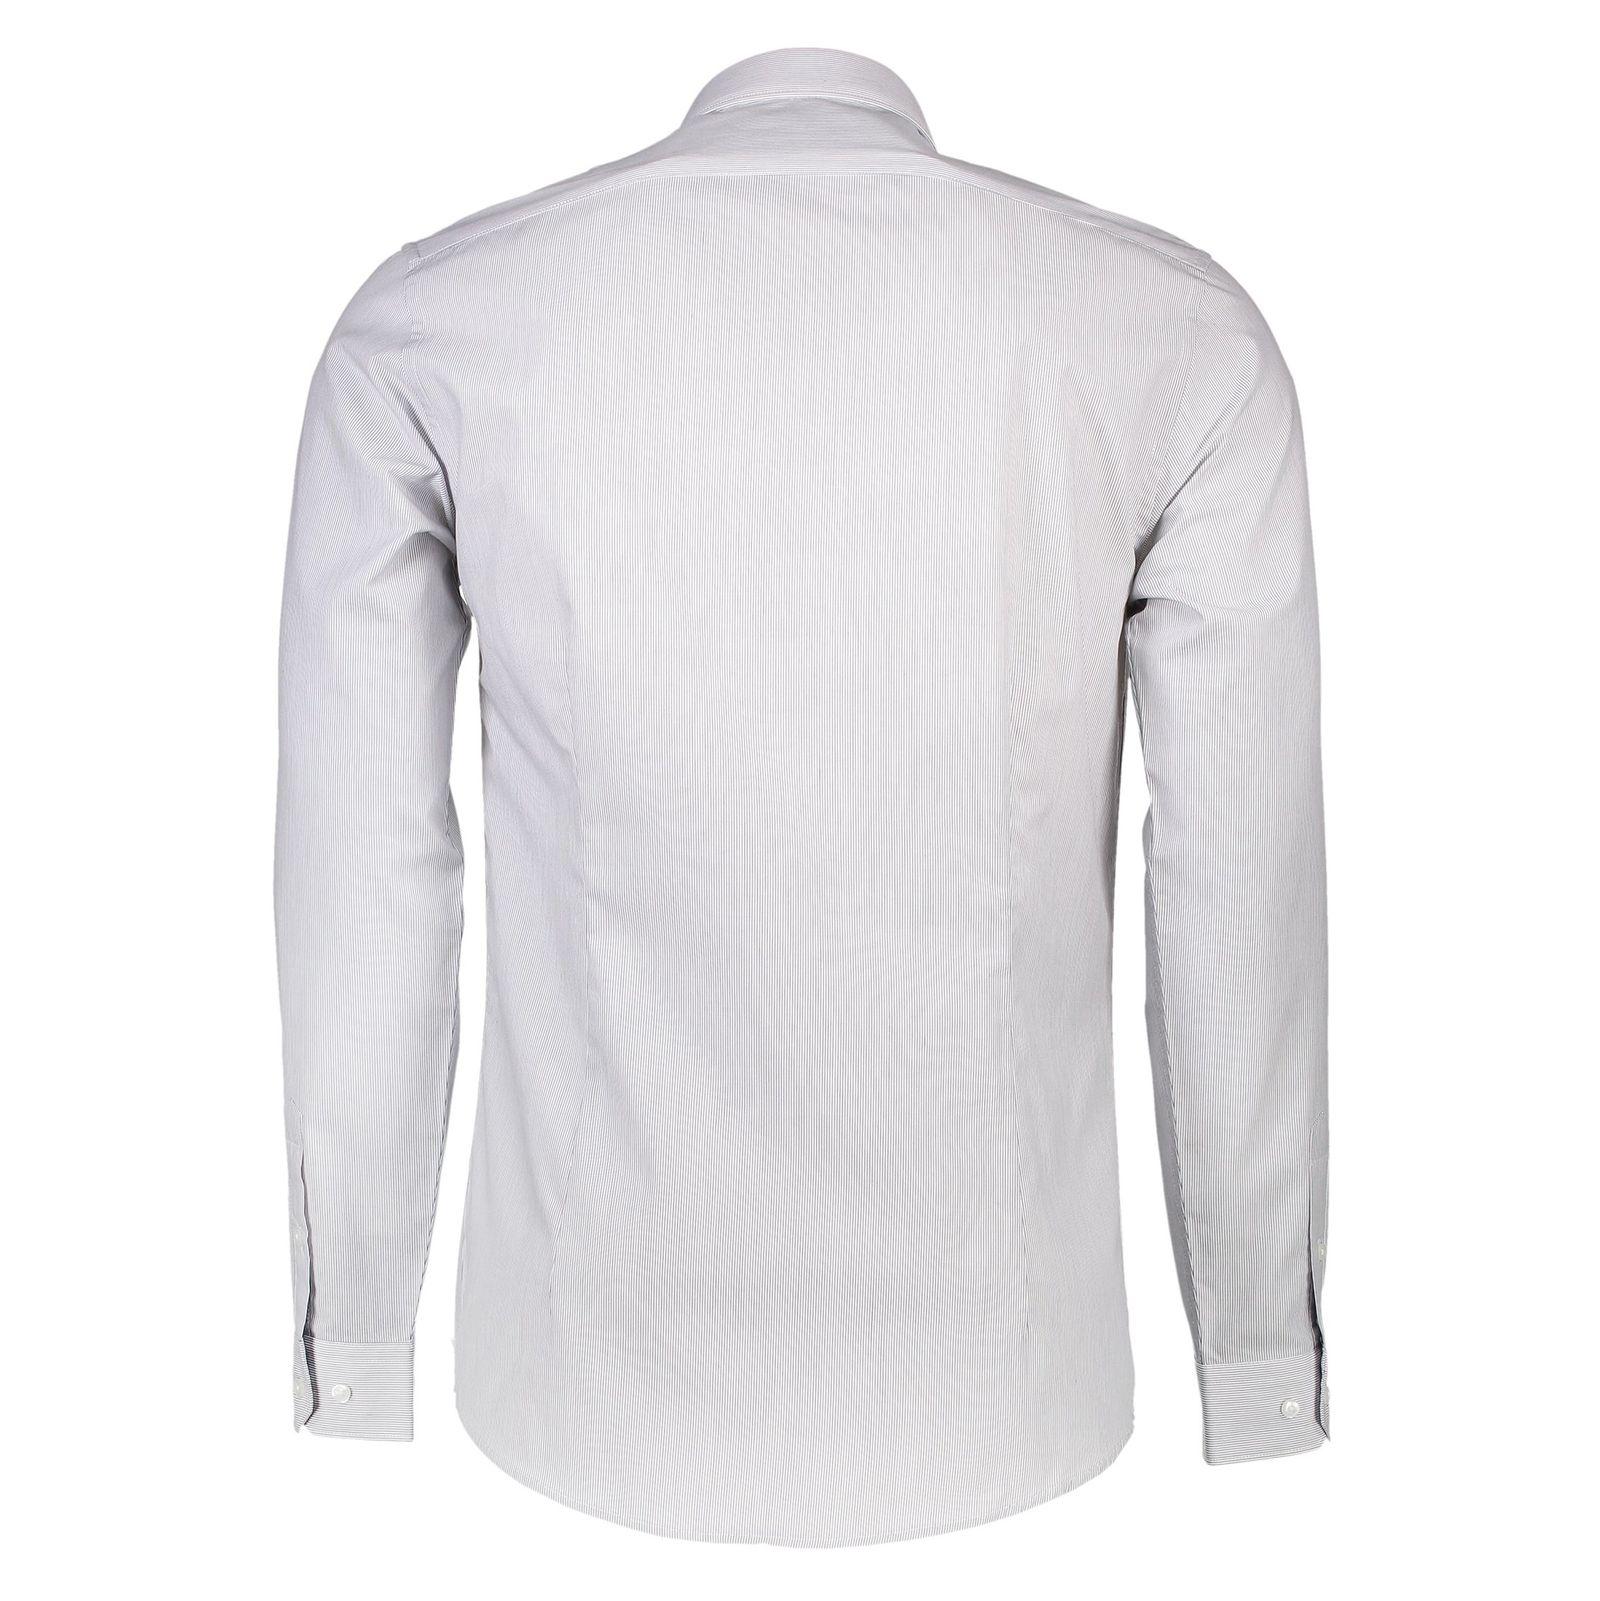 پیراهن رسمی مردانه - رد هرینگ - طوسي - 2